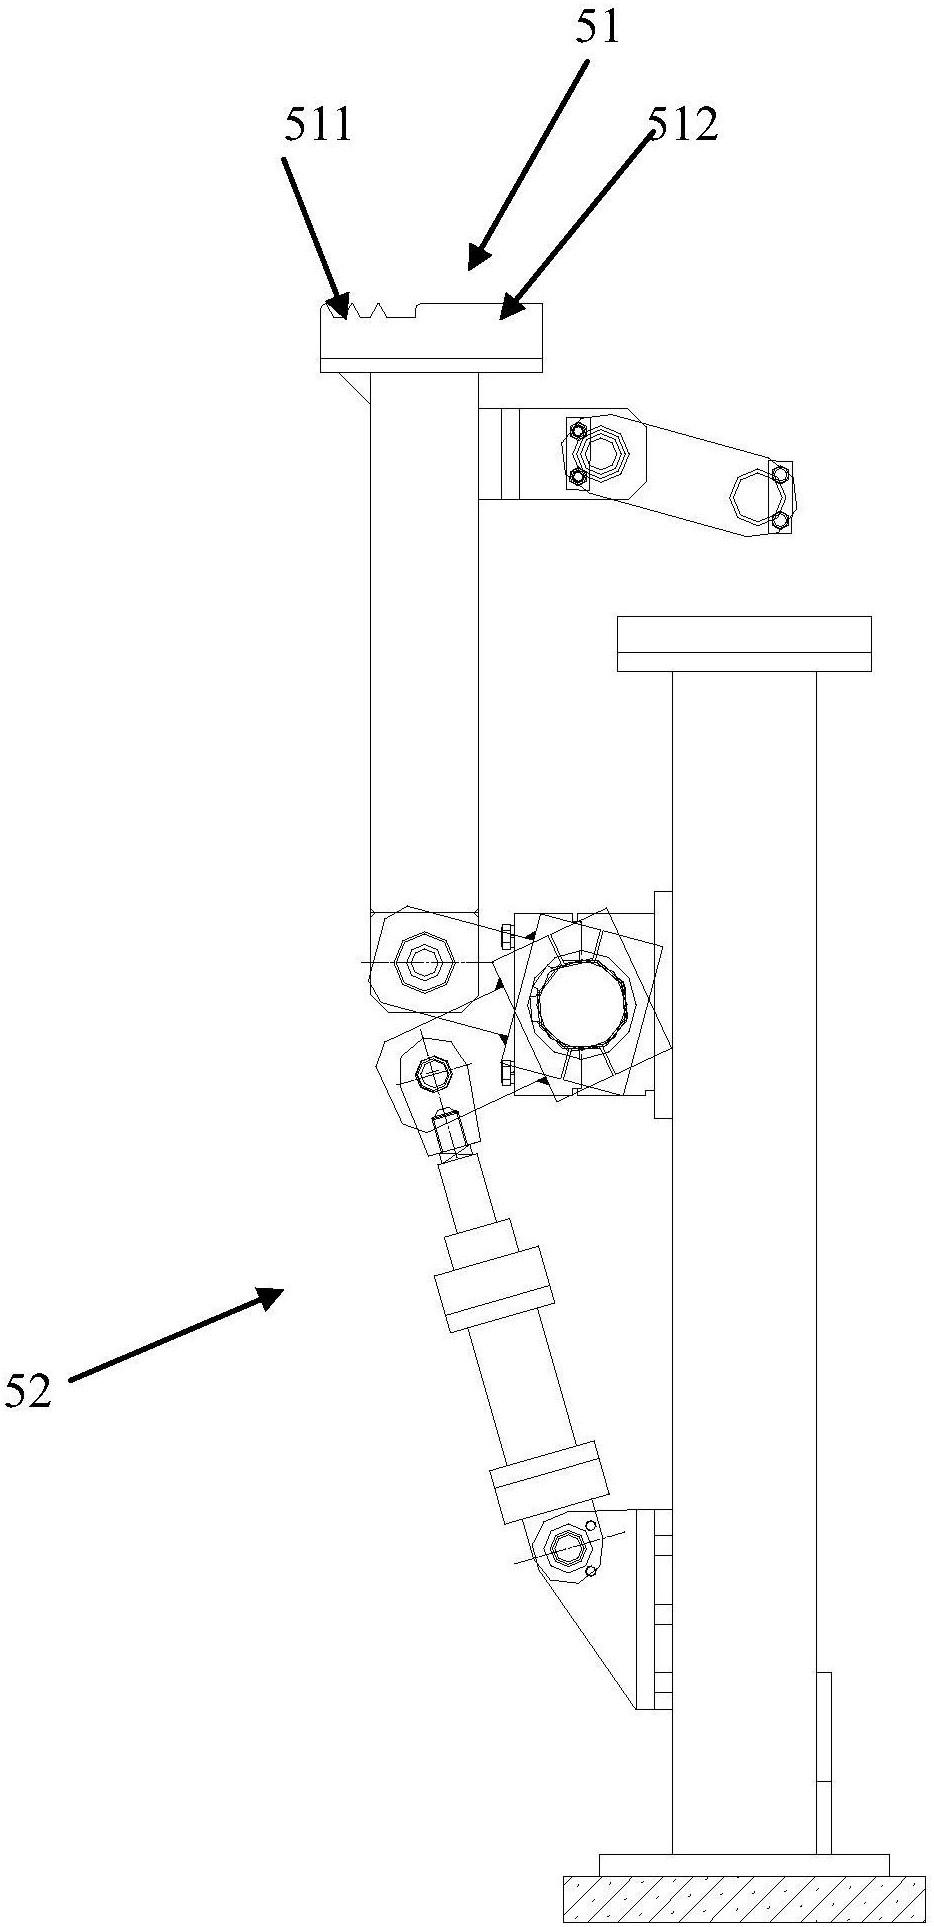 全自动码垛系统及工艺-附图4